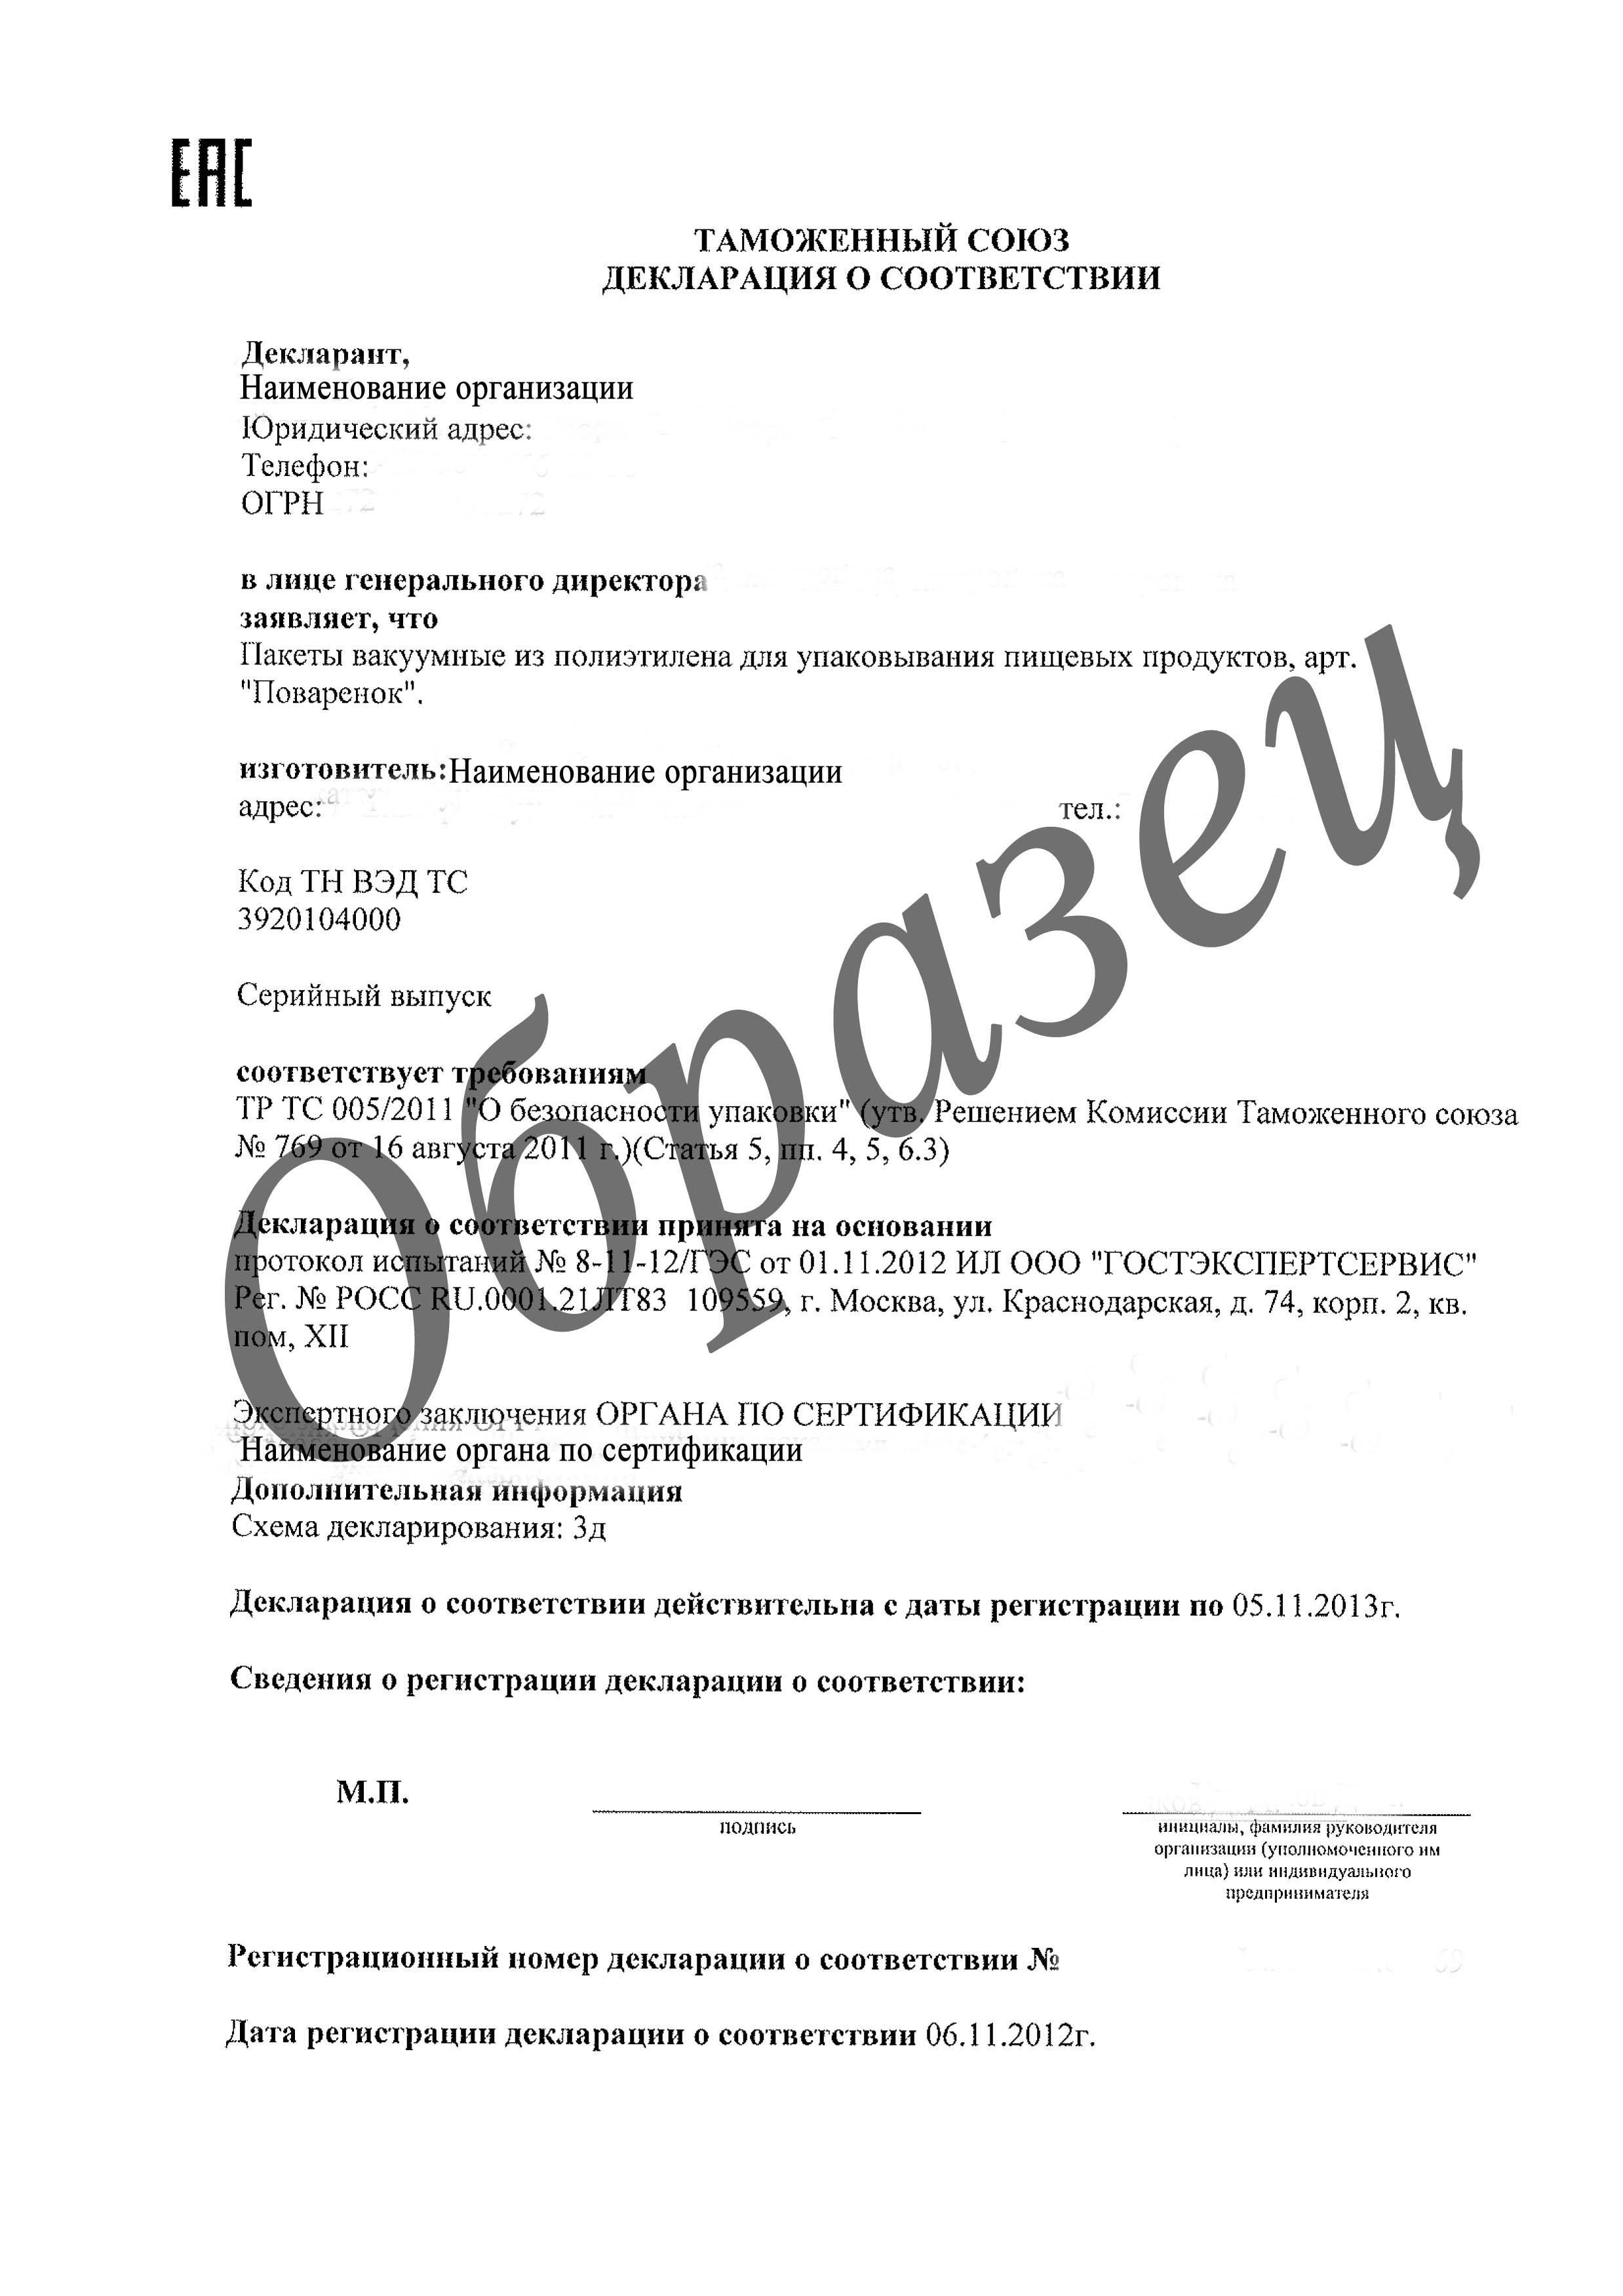 Декларация соответствия Техническому Регламенту Таможенного Союза